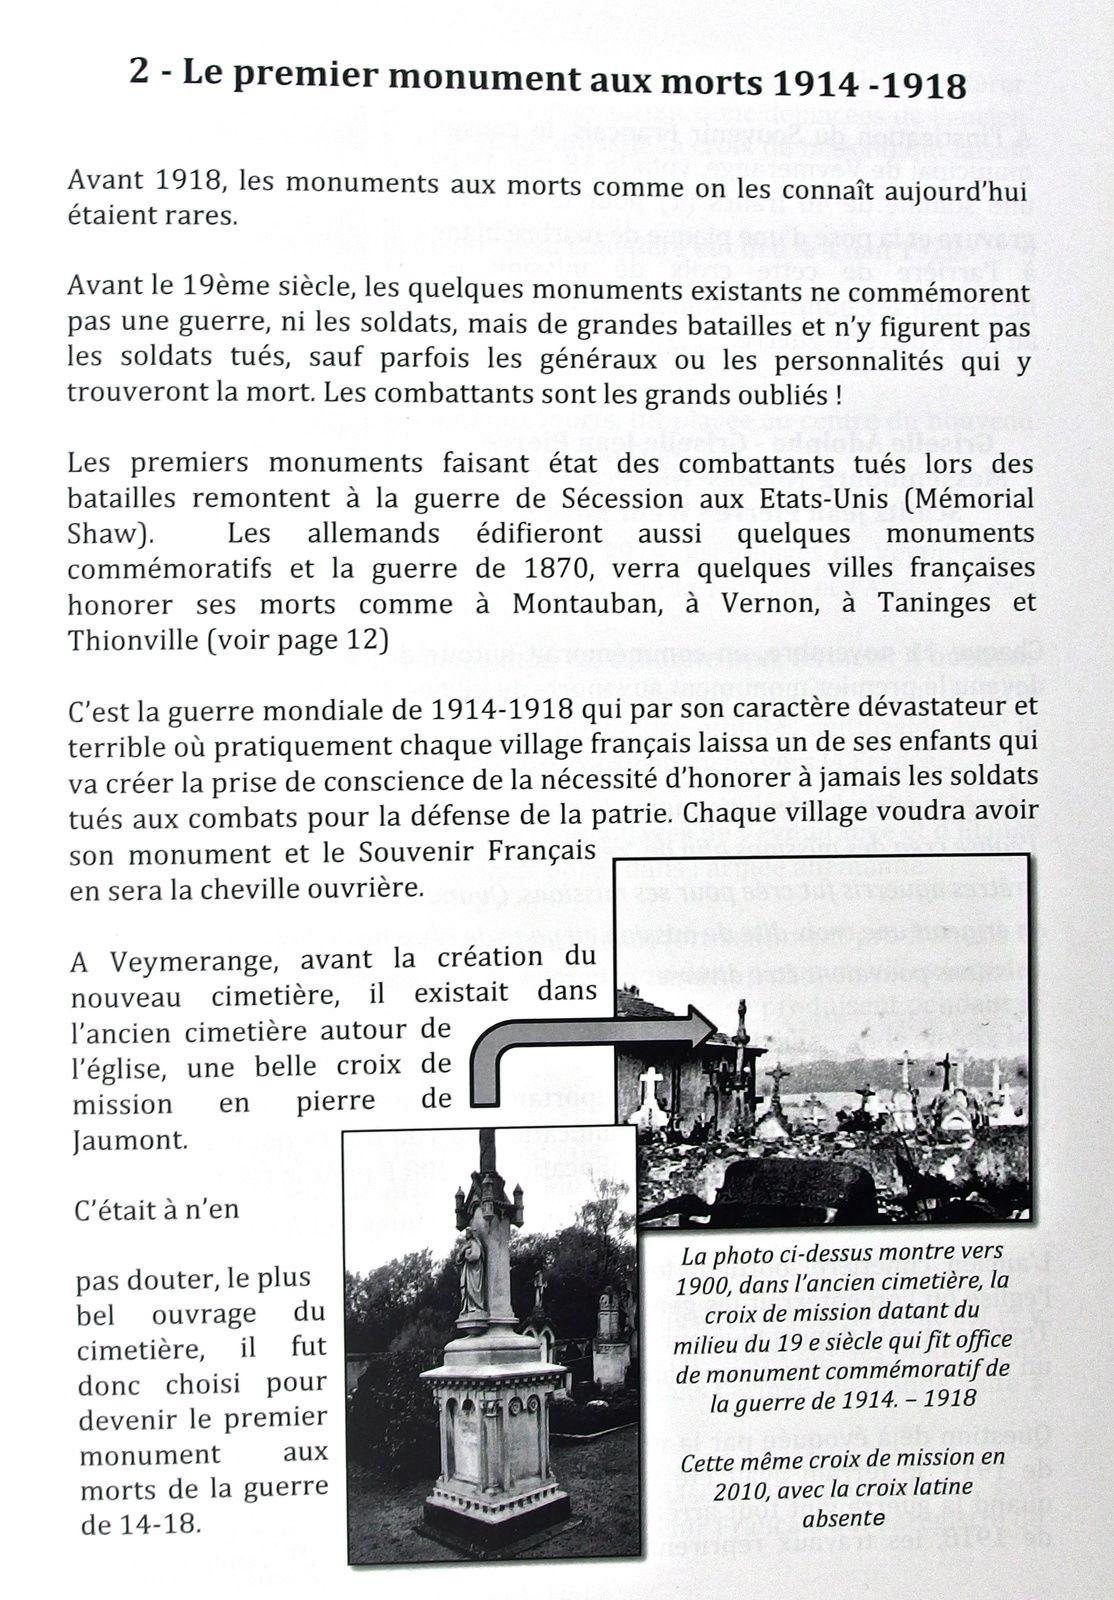 Thionville (Veymerange-Elange) Soldats et Monuments 14-18/39-40